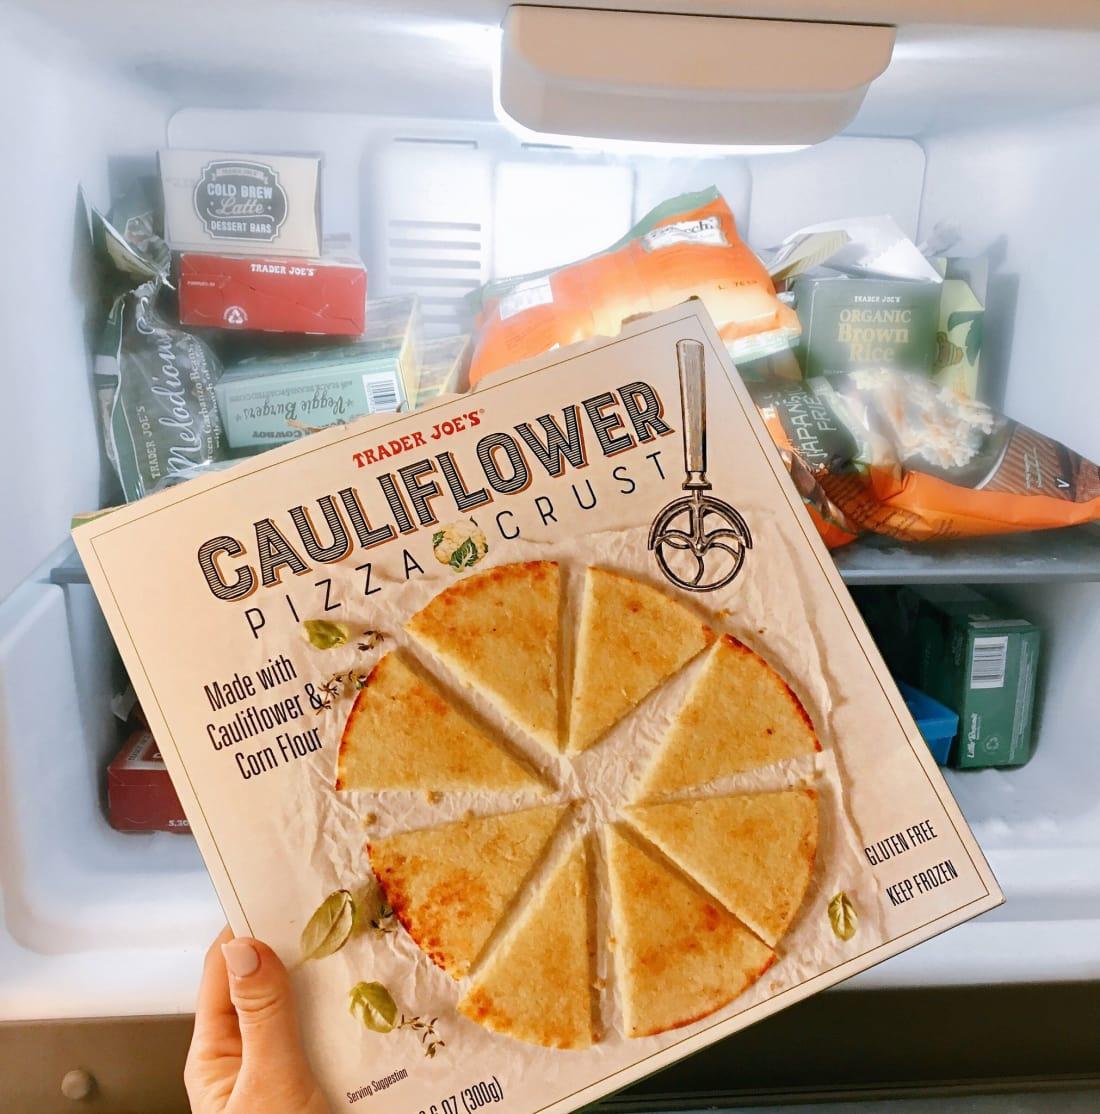 Trader Joe's Frozen Cauliflower Pizza Crust